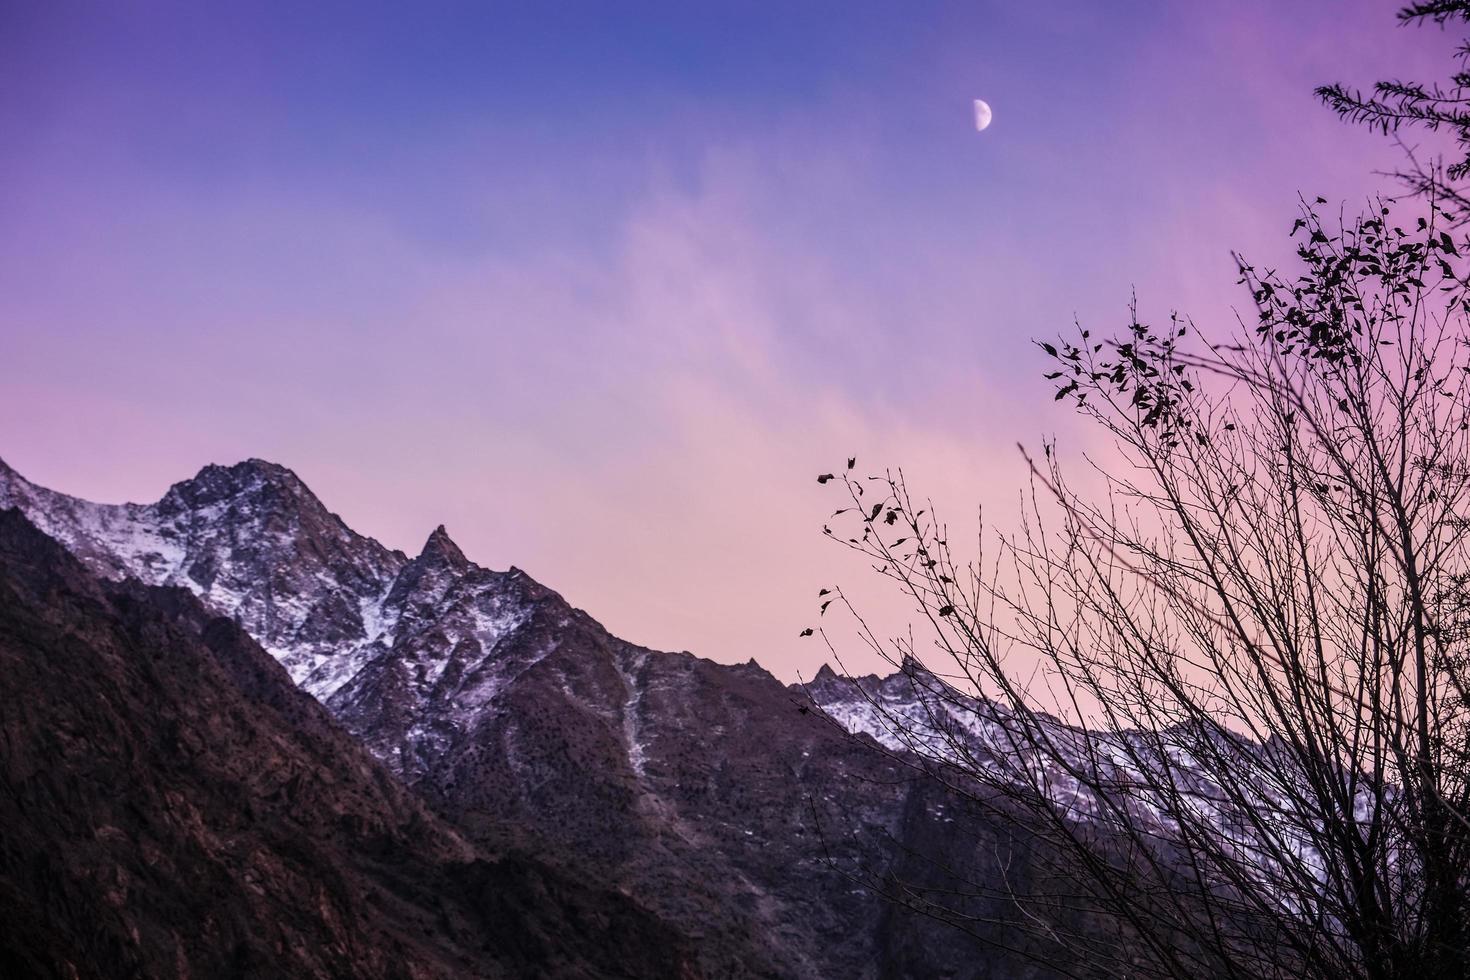 schemering hemel met maan stijgt boven besneeuwde bergen foto